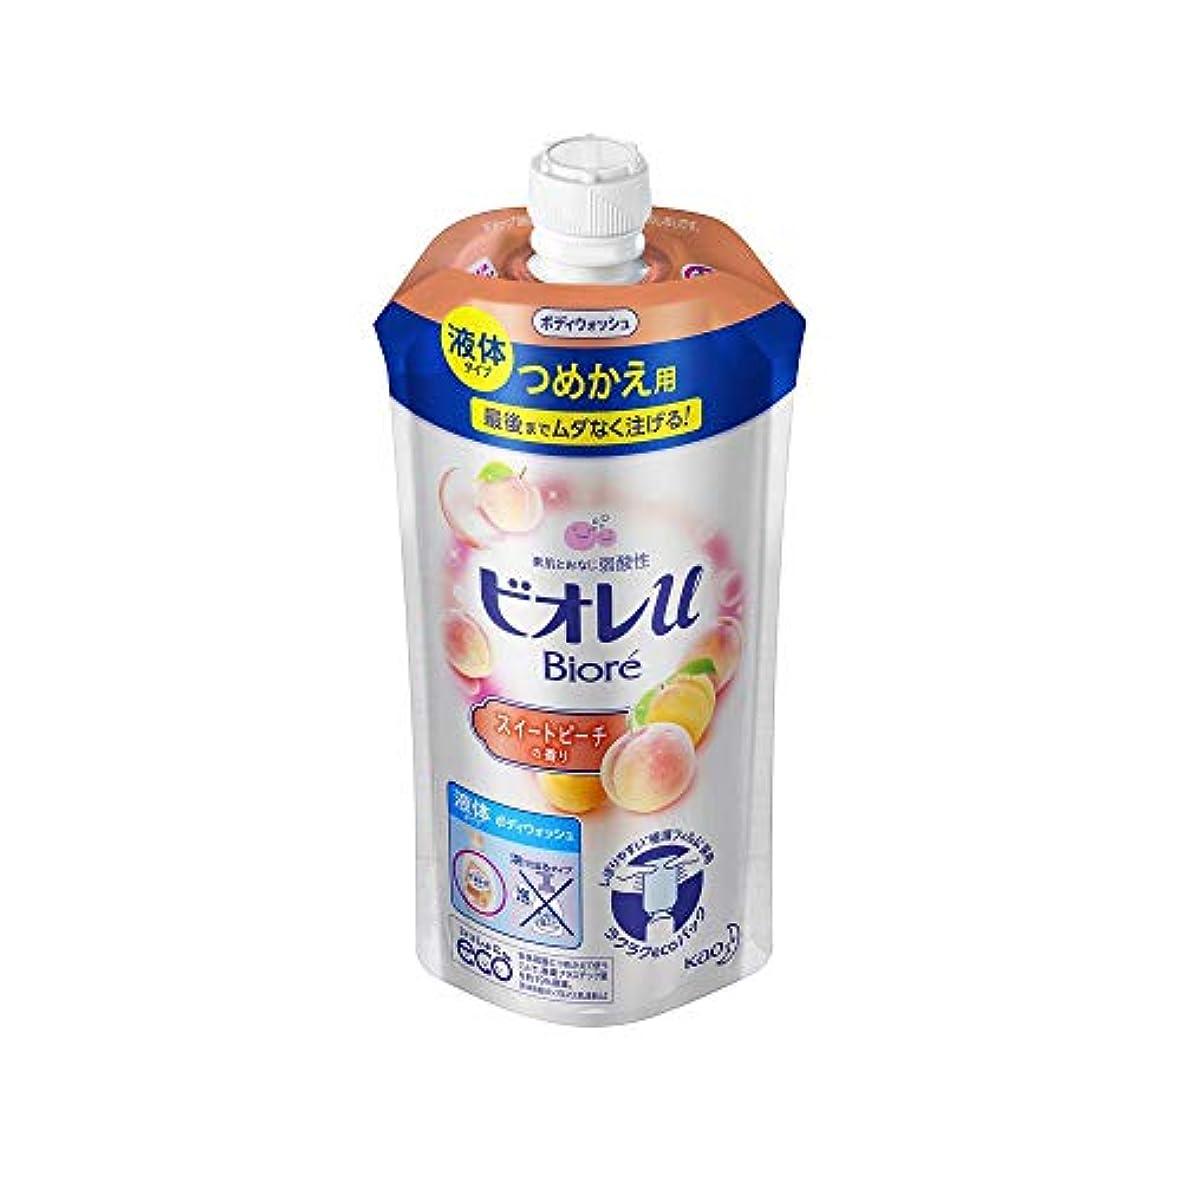 ナラーバー滑りやすい天気花王 ビオレu スイートピーチの香りつめかえ用 340ML